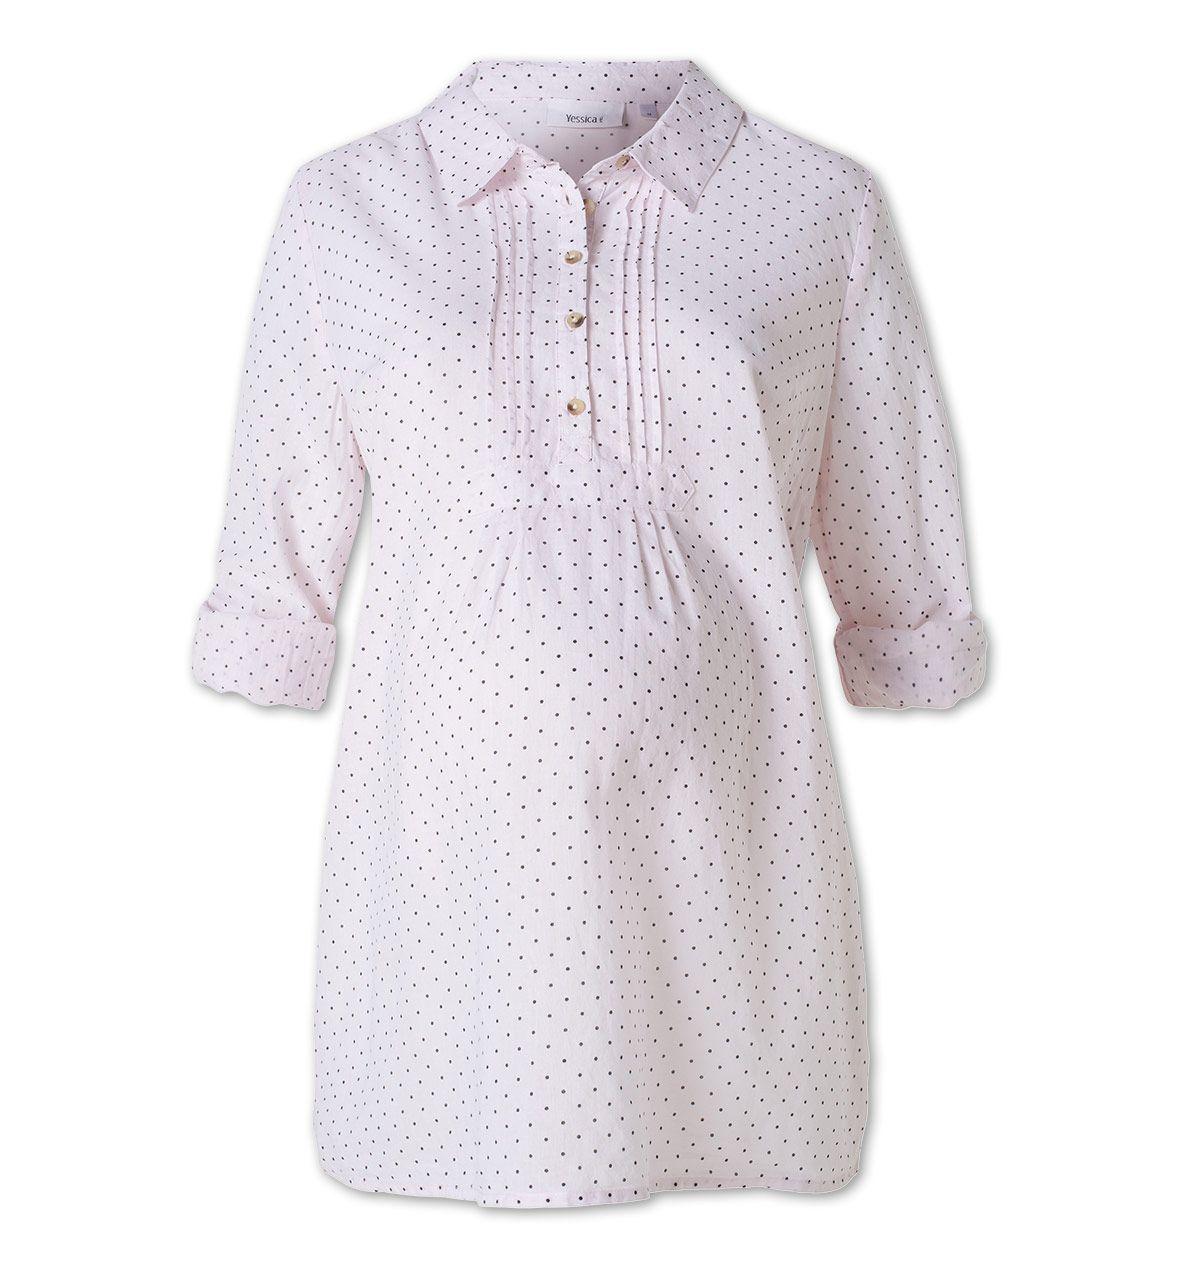 Dependiente anfitriona Solenoide  Blusa premamá Mujer Ver todo en rosa – al mejor precio en C&A | Ropa  premamá, Ropa de maternidad, Moda